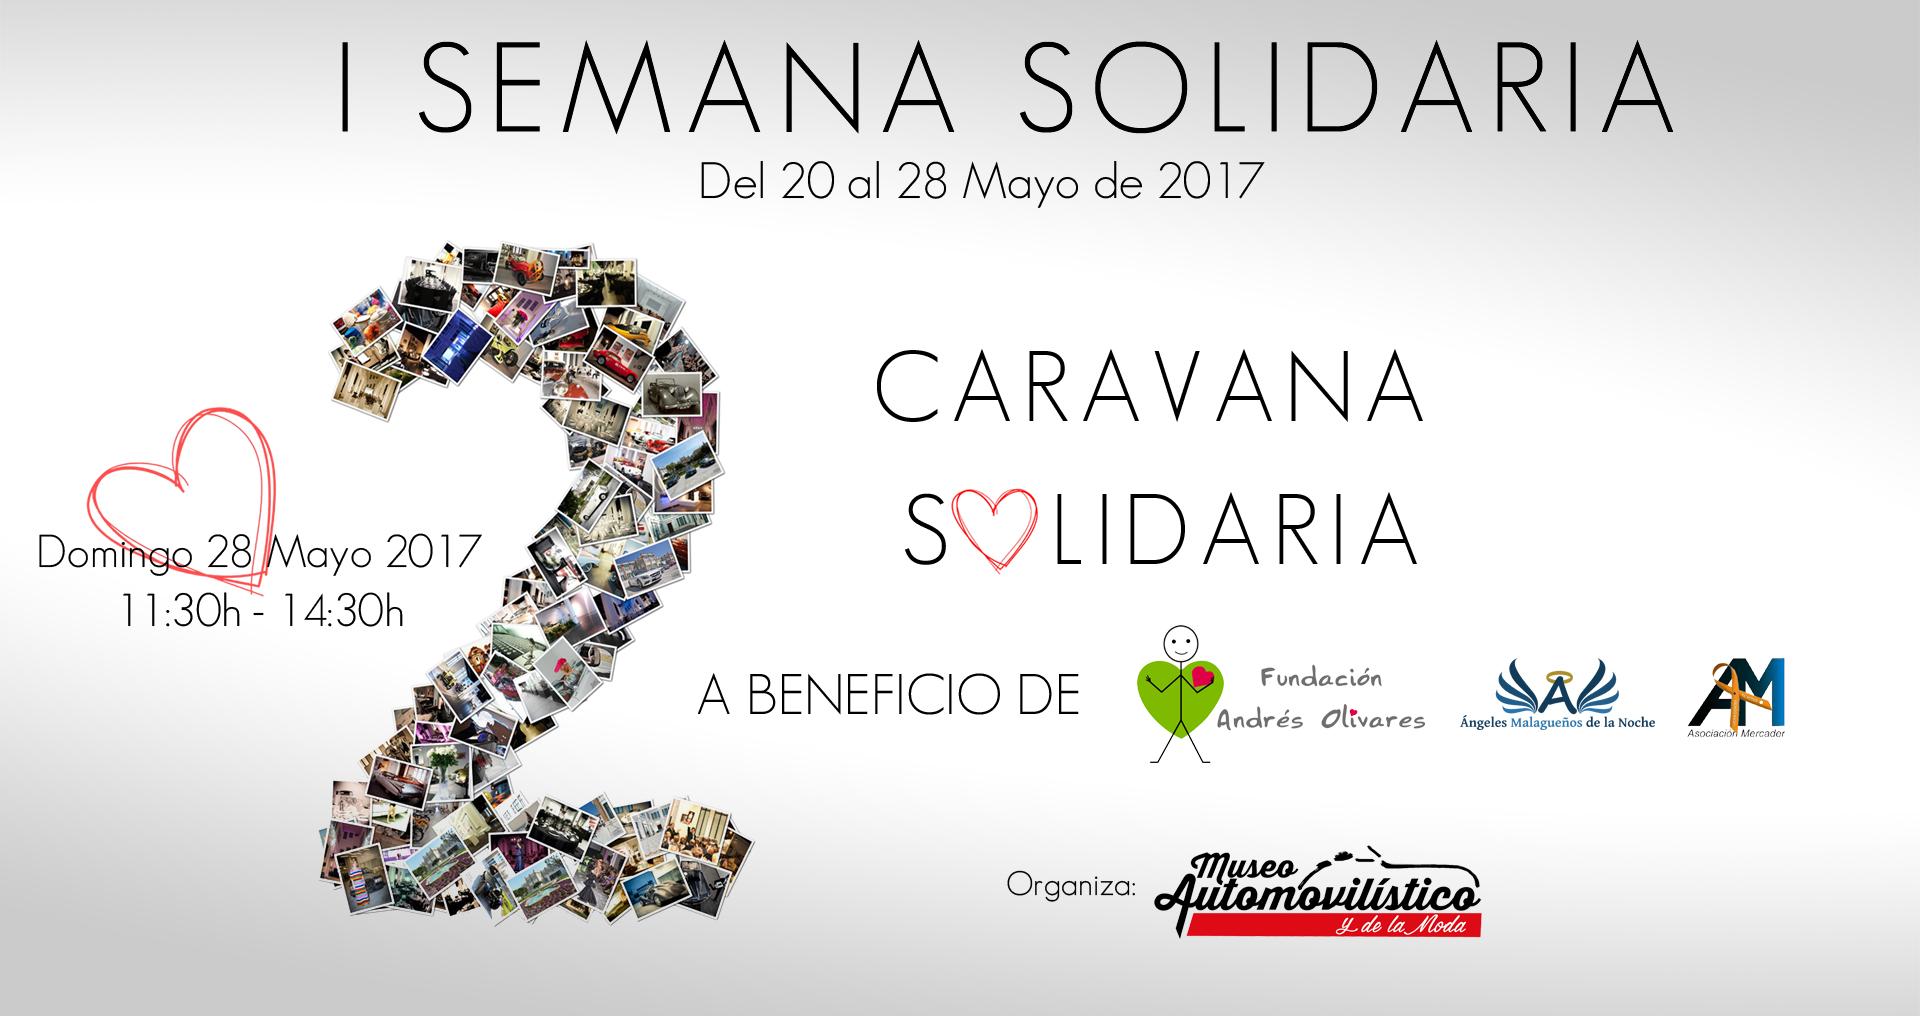 I Semana Solidaria – II Caravana Solidaria